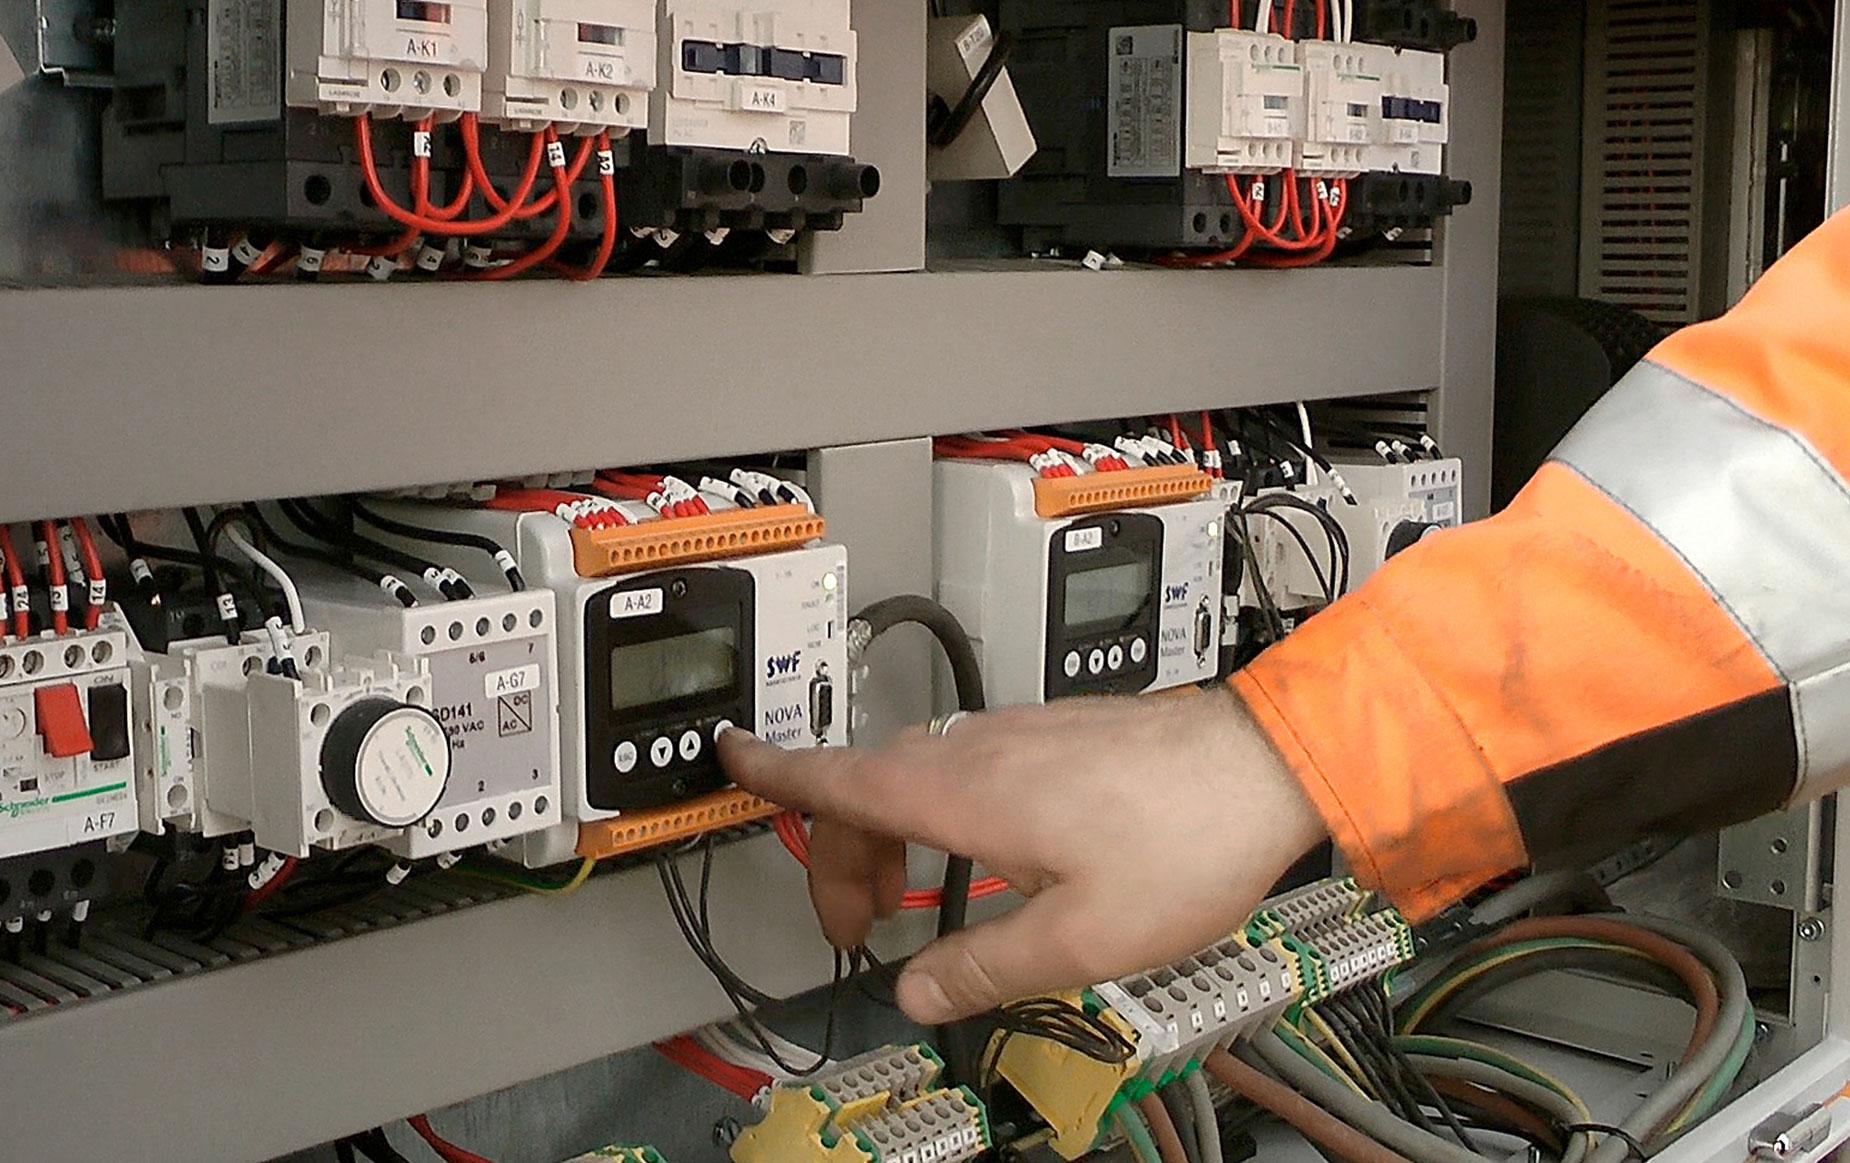 crane-service-nosturihuolto-teollisuus-metalliteollisuus-teollisuuden-siltanosturit-satateras_5